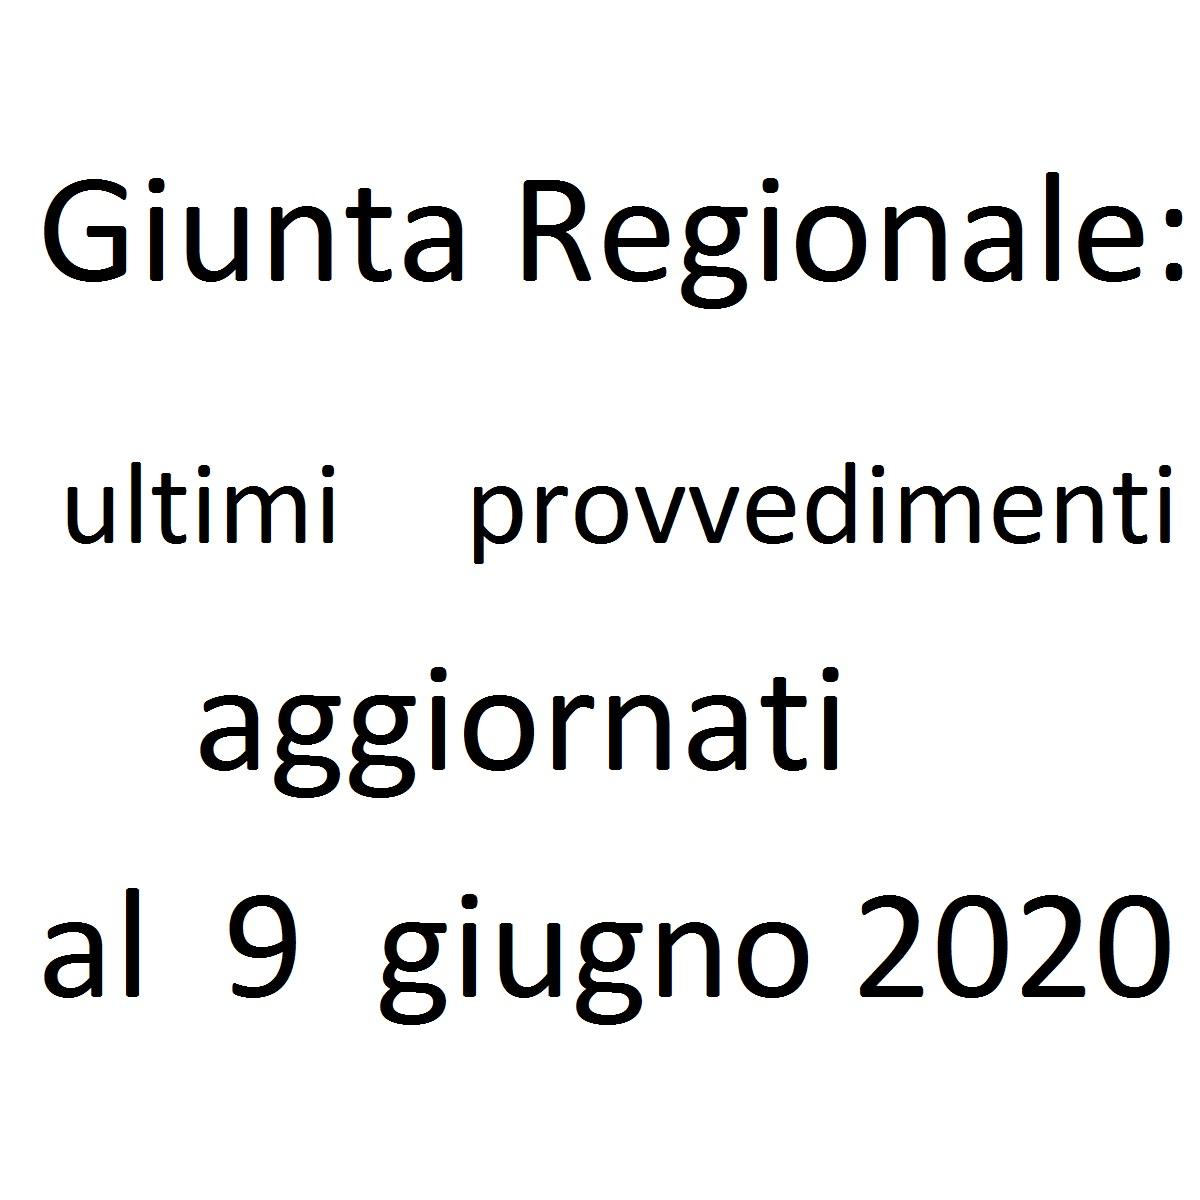 Giunta Regionale ultimi provvedimenti al 9 giugno 2020 foto